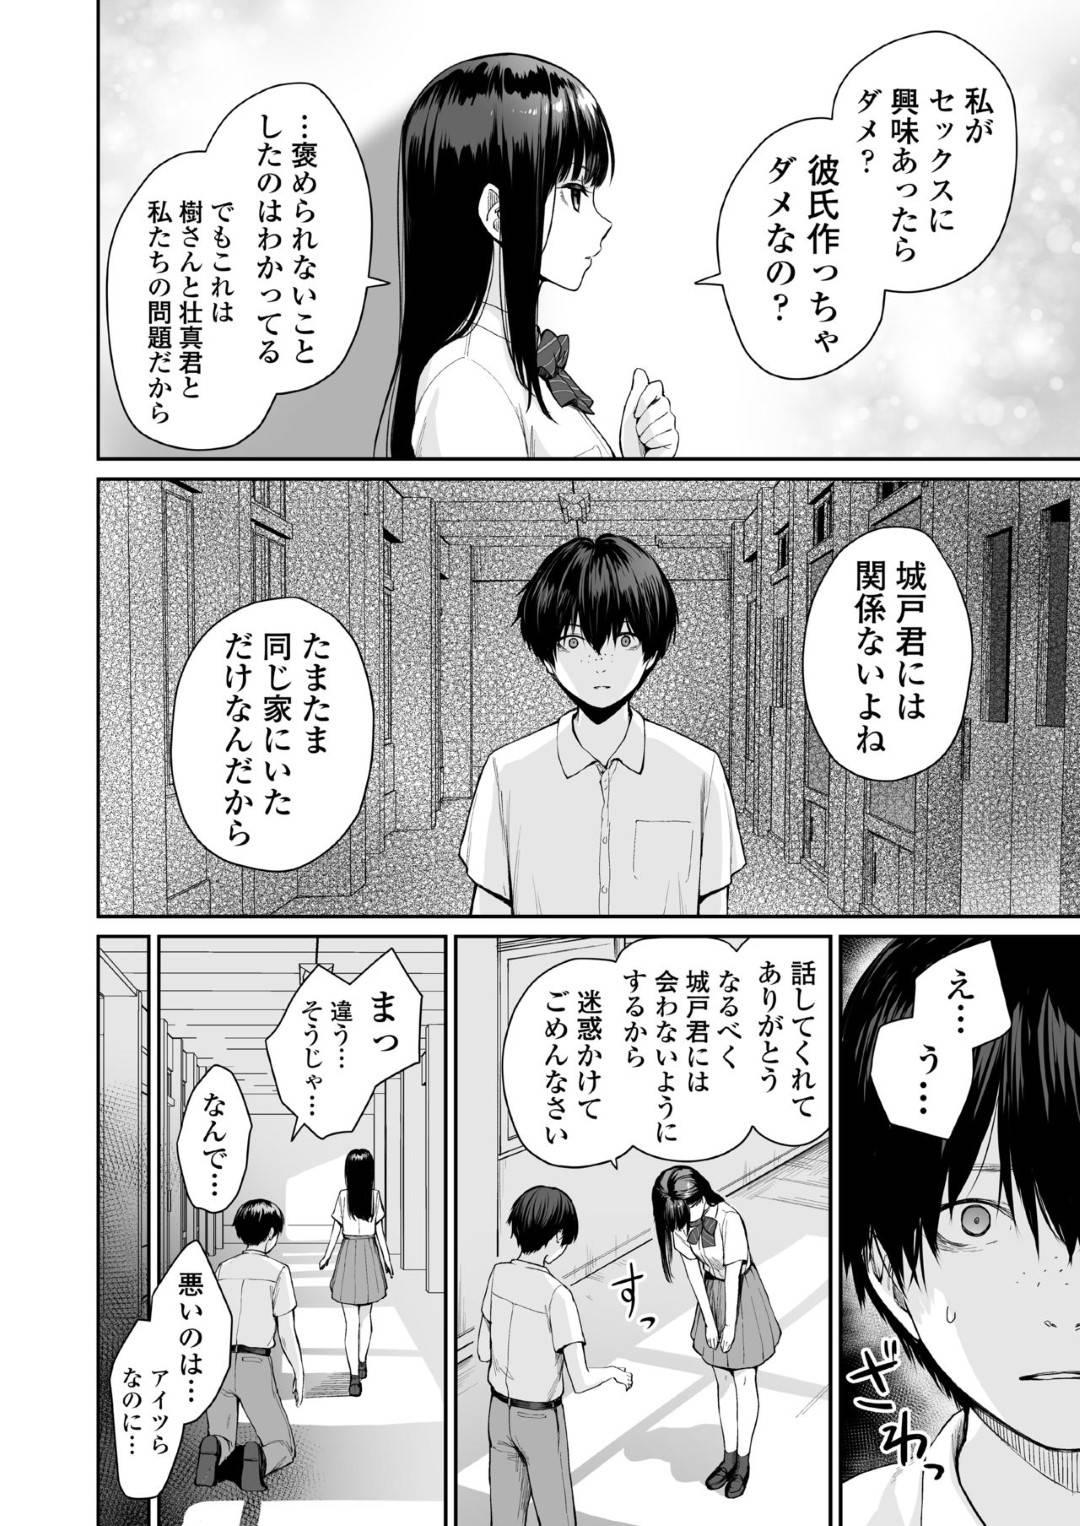 【JKスワッピングエロ漫画】男は仲良くなったクラスのJK達が自分の兄弟とセックスしている事を知る。ある日、スワッピングしている光景を目にしてしまい、男は劣等感を抱く【三崎】